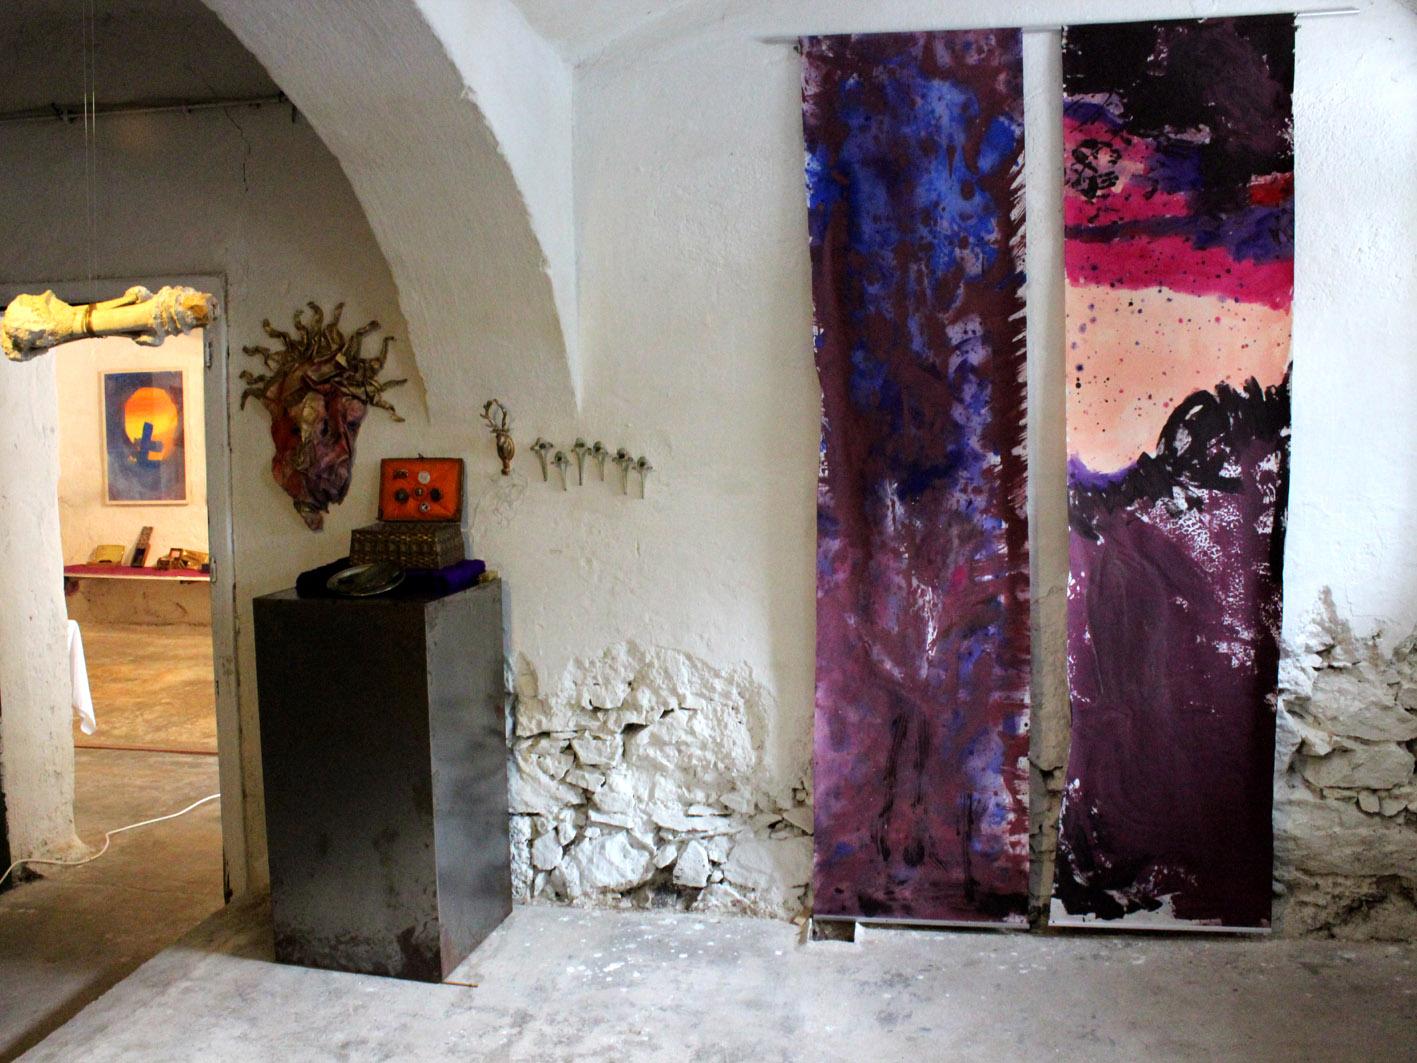 Violet_Lodge_Installationsansicht_1